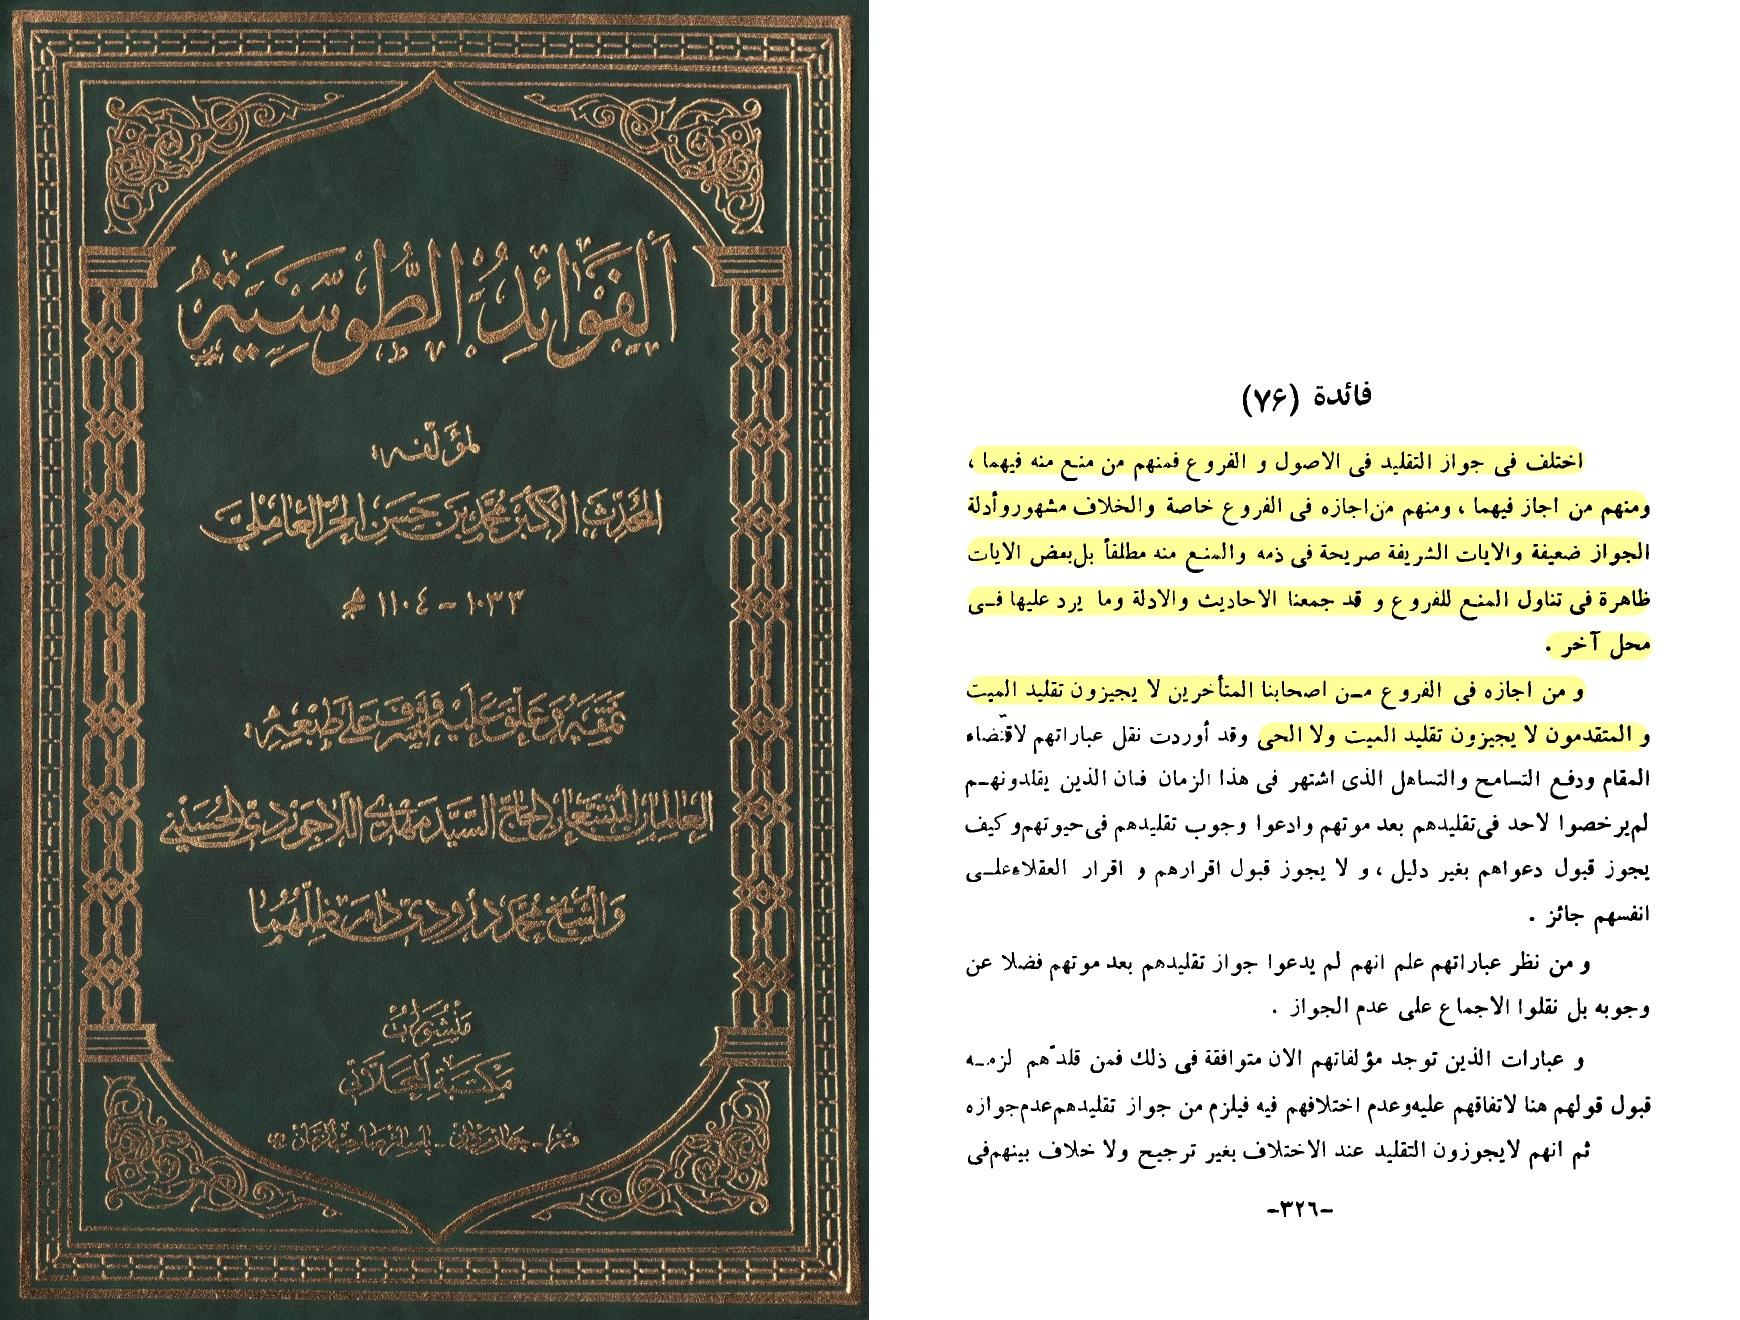 fawa2ede-3ameli-s-326